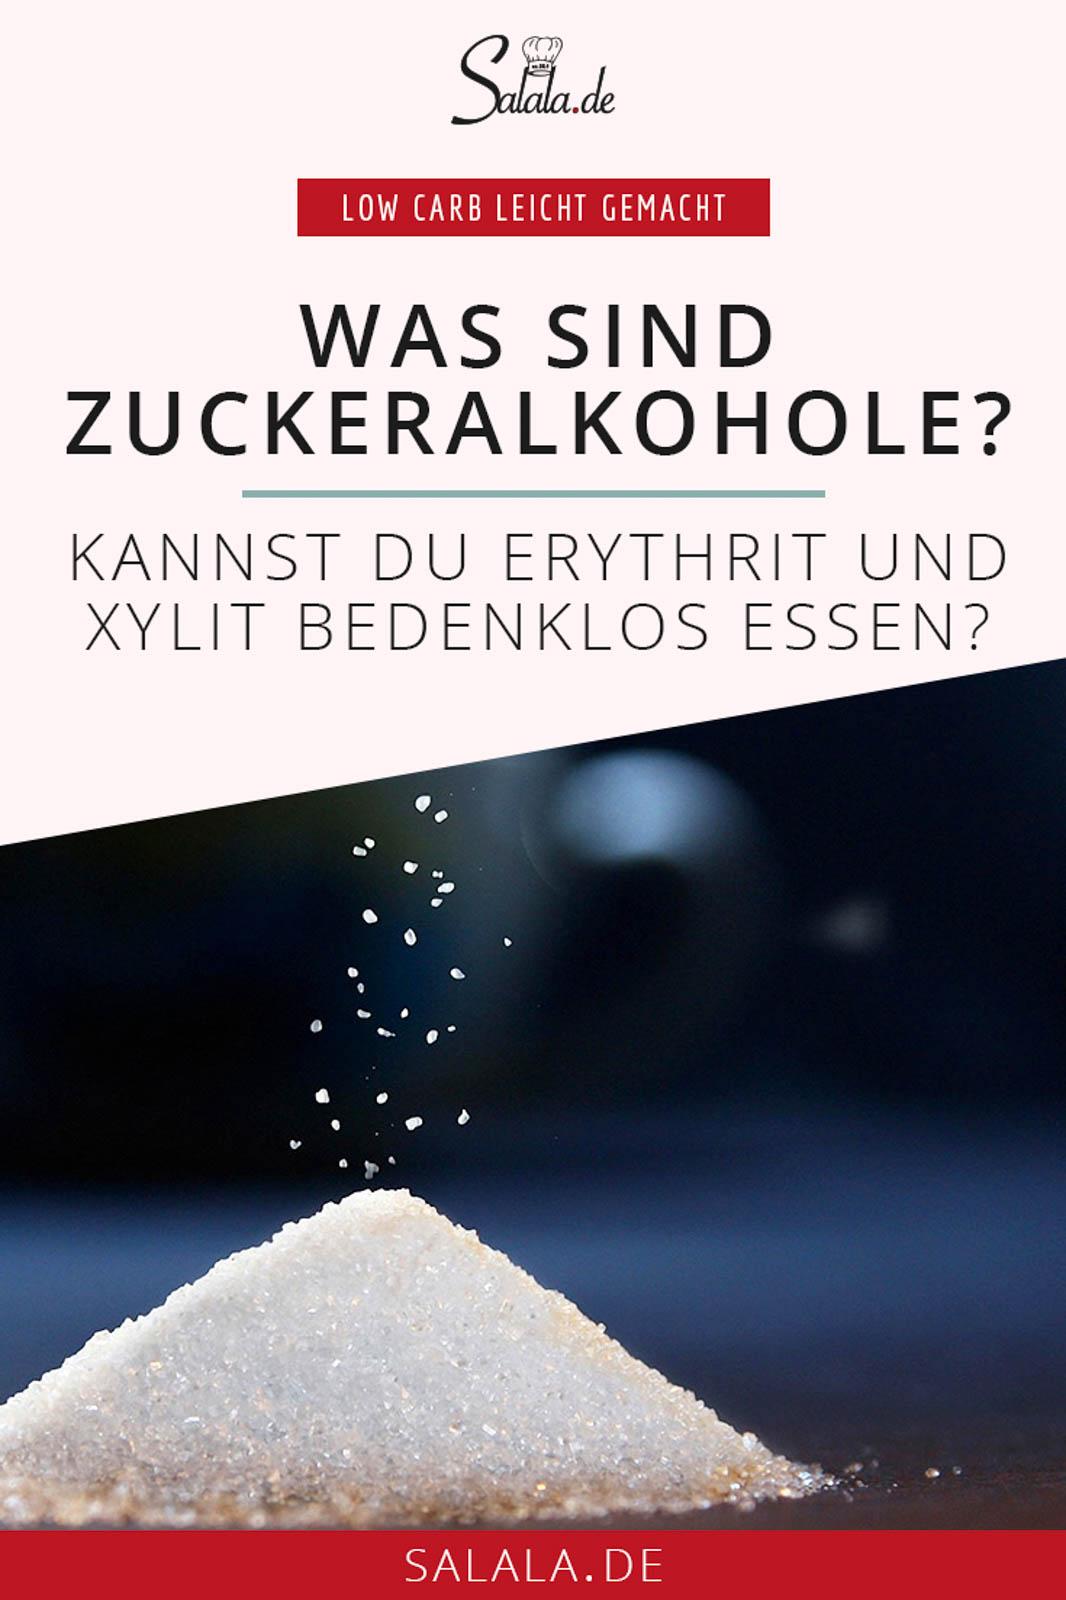 #zuckeralkohole #zuckerersatzstoffe #lowcarb #ohnezucker #xylit #erythrit